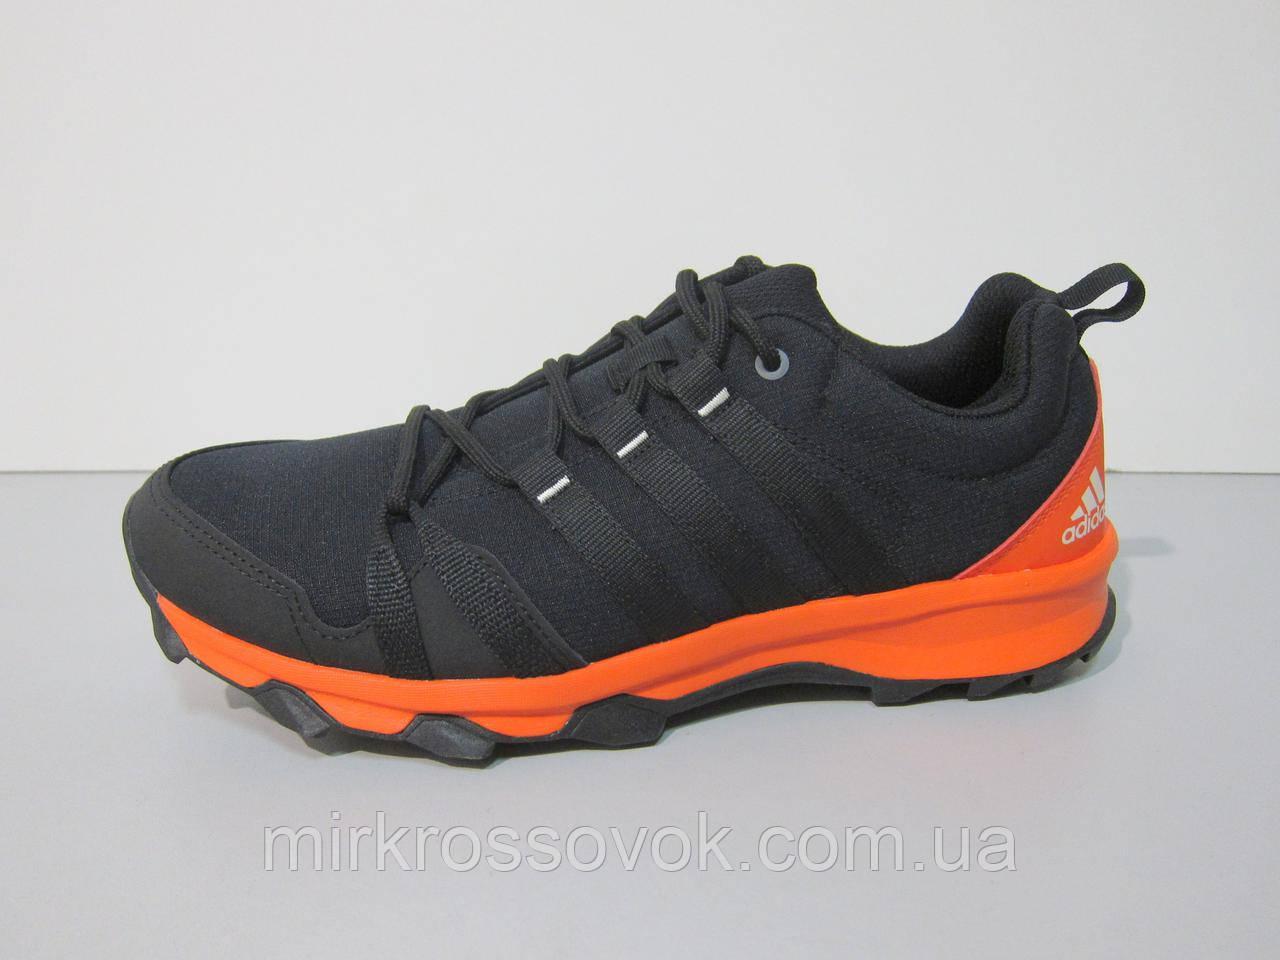 Кроссовки мужские Adidas TRACEROCKER Highlander (BB5436) (оригинал), фото 1